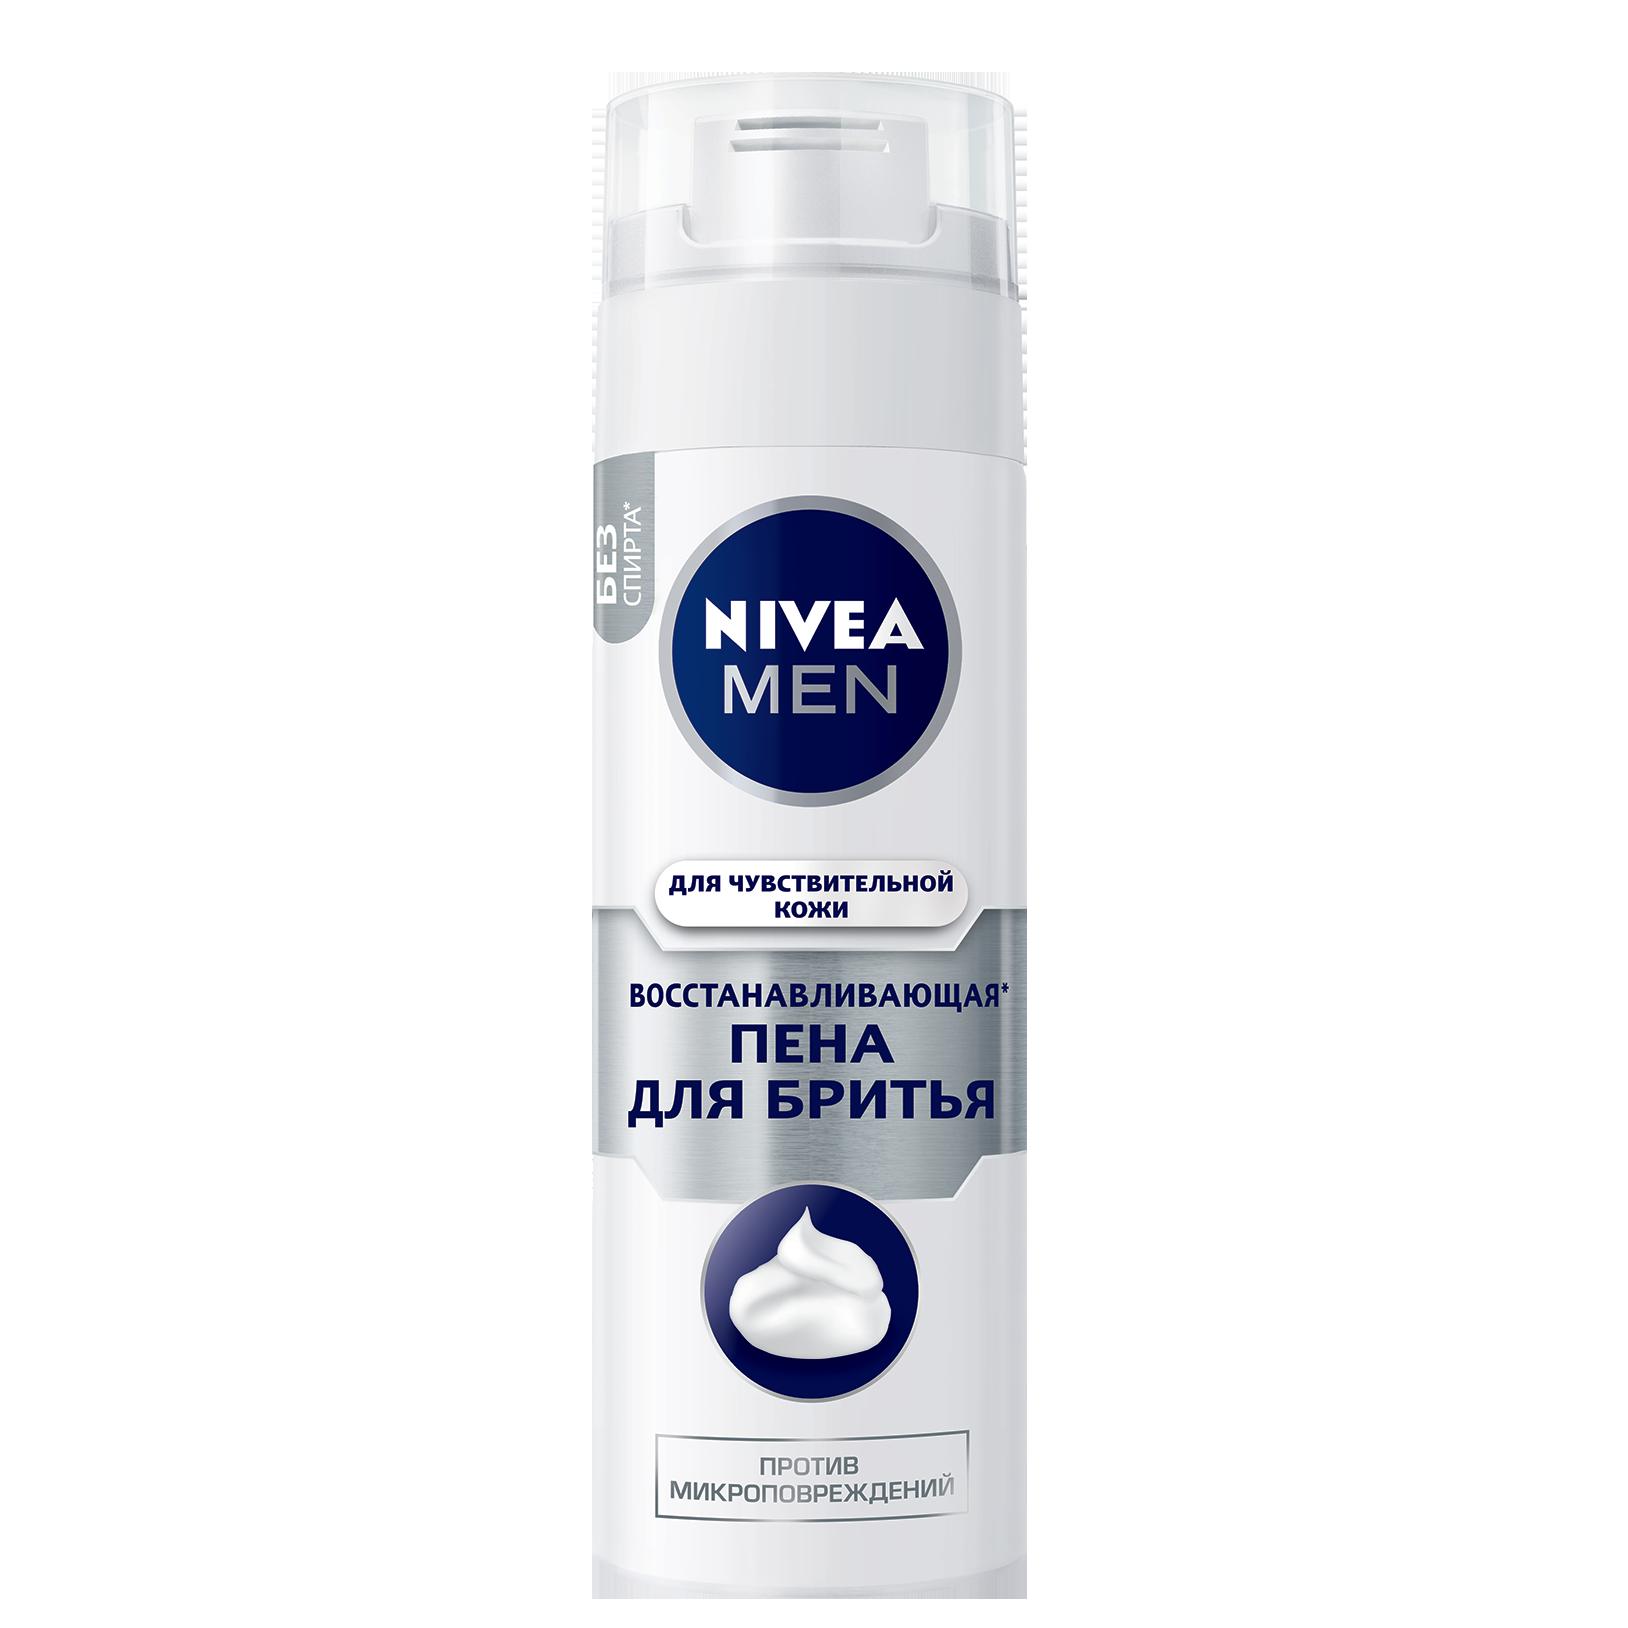 Пена для бритья Nivea Восстанавливающая для чувствительной кожи